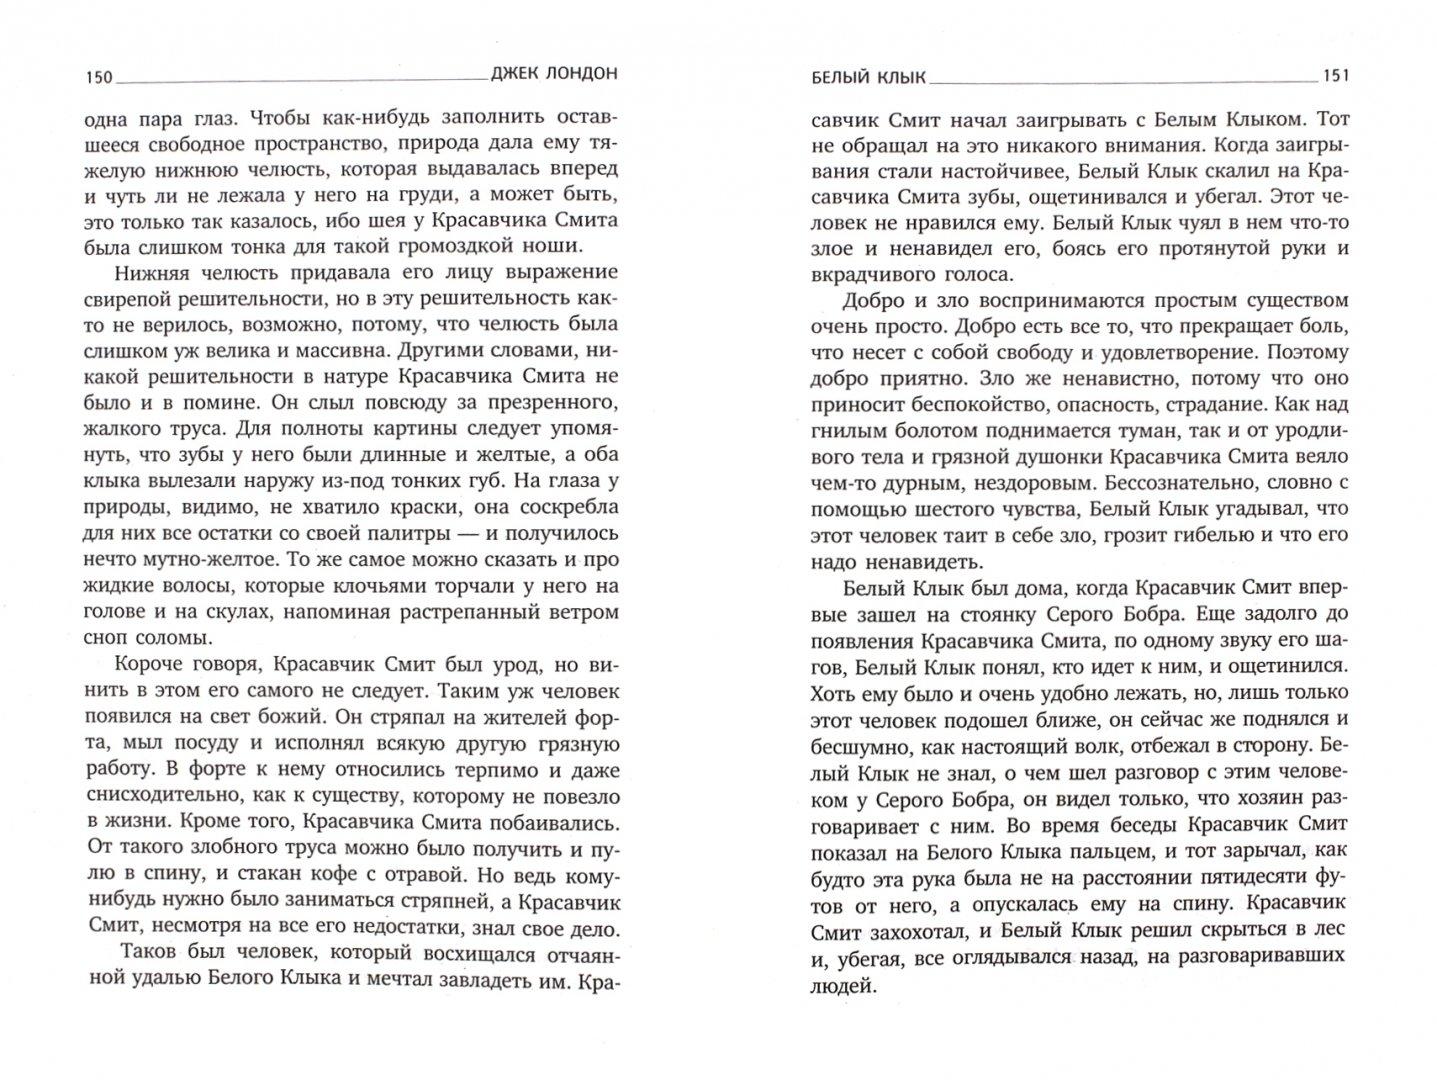 Иллюстрация 1 из 6 для Белый Клык. Избранные произведения - Джек Лондон | Лабиринт - книги. Источник: Лабиринт